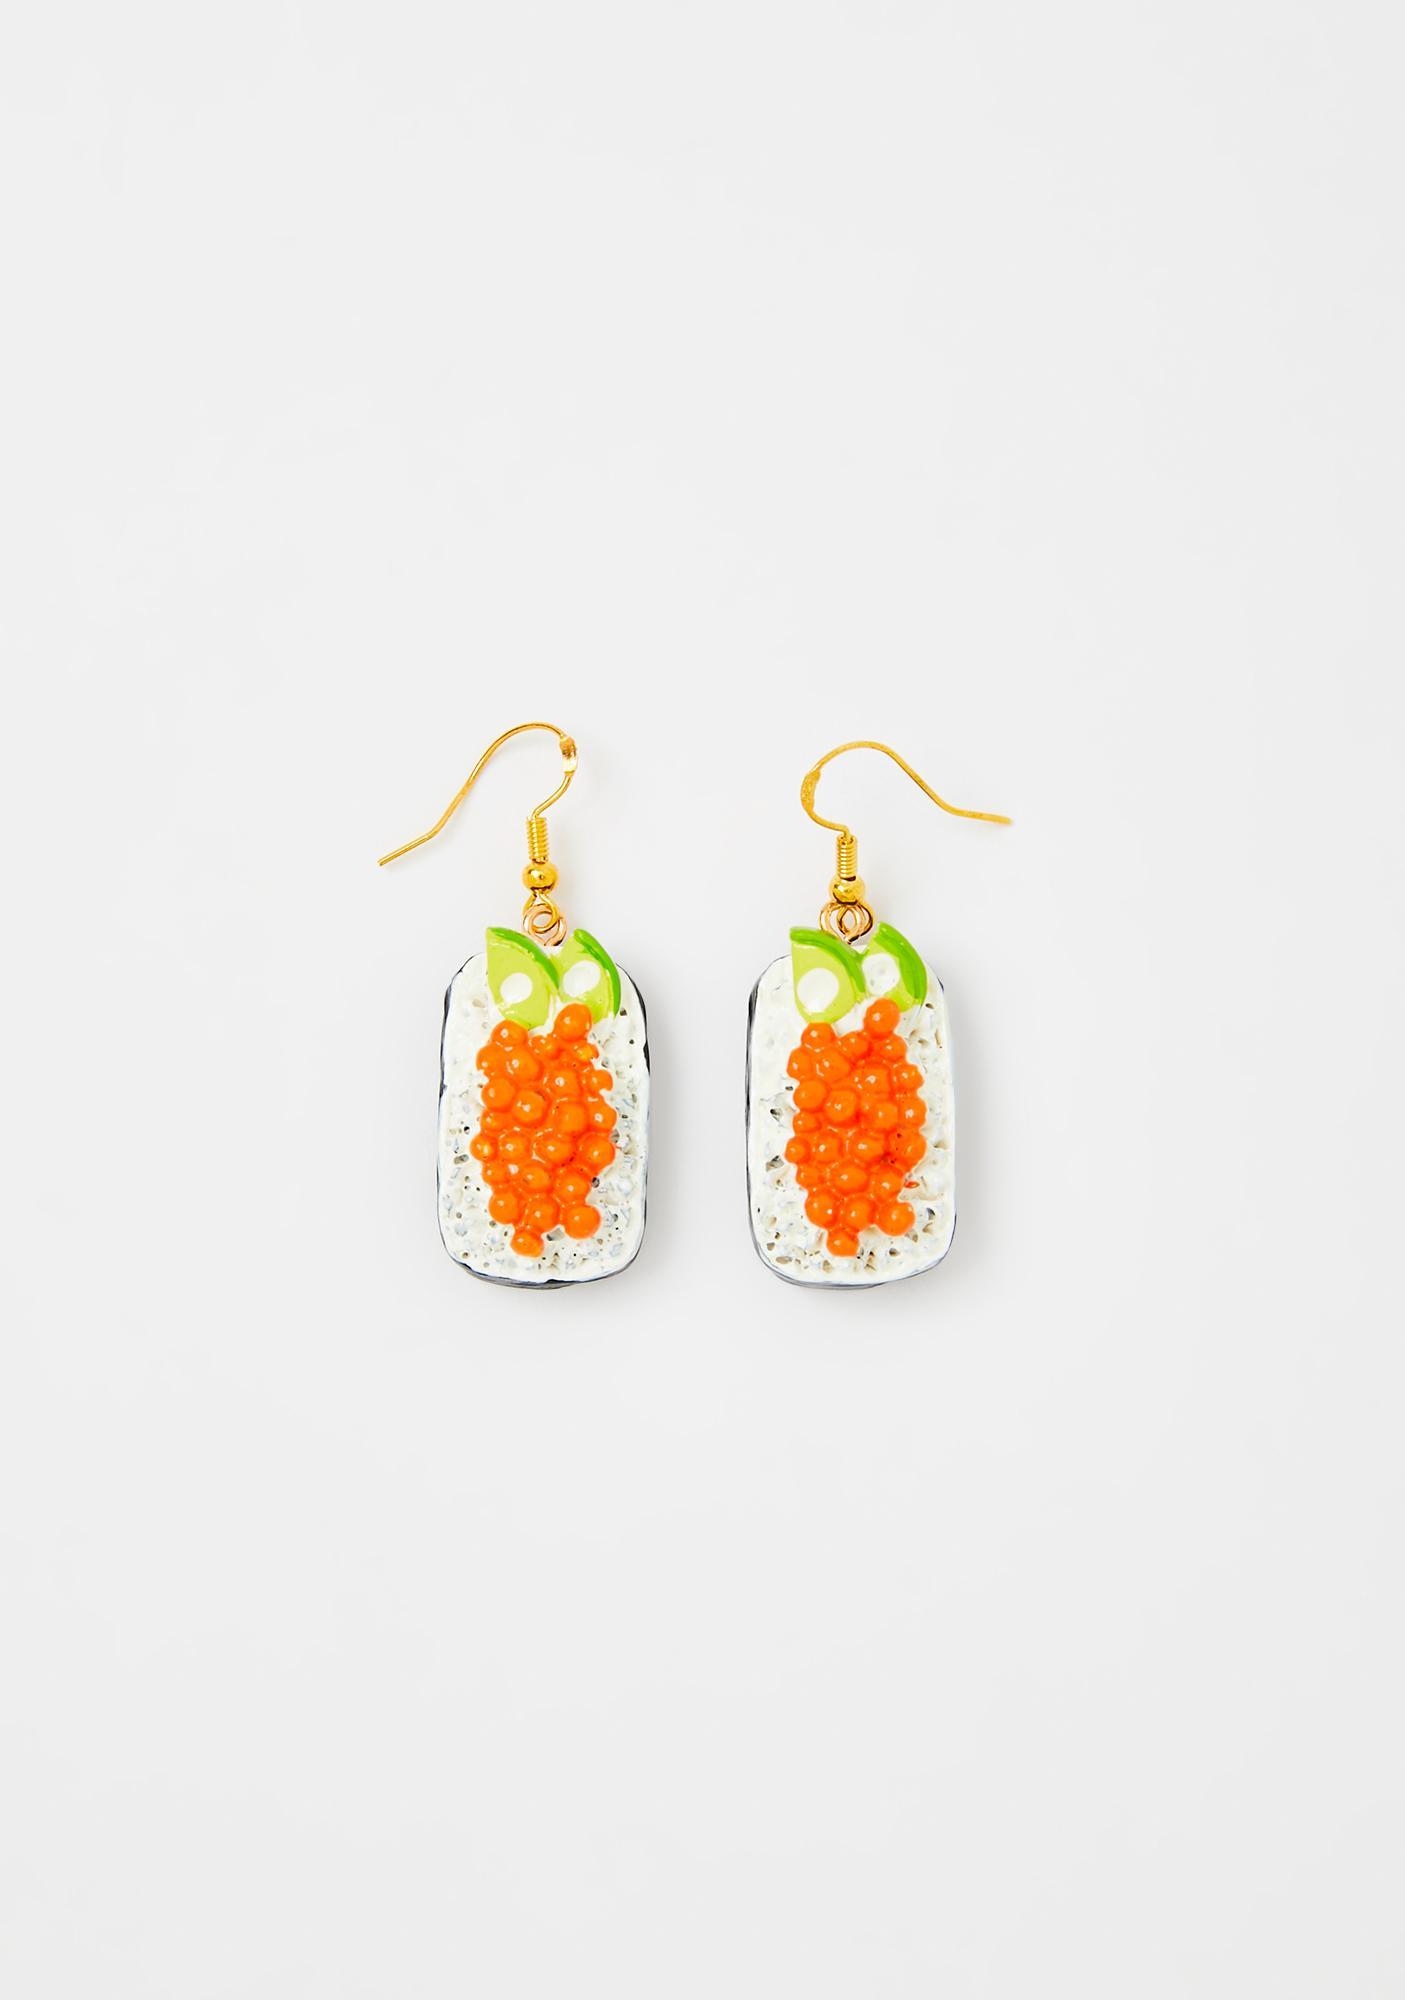 Tasty Roll Sushi Earrings